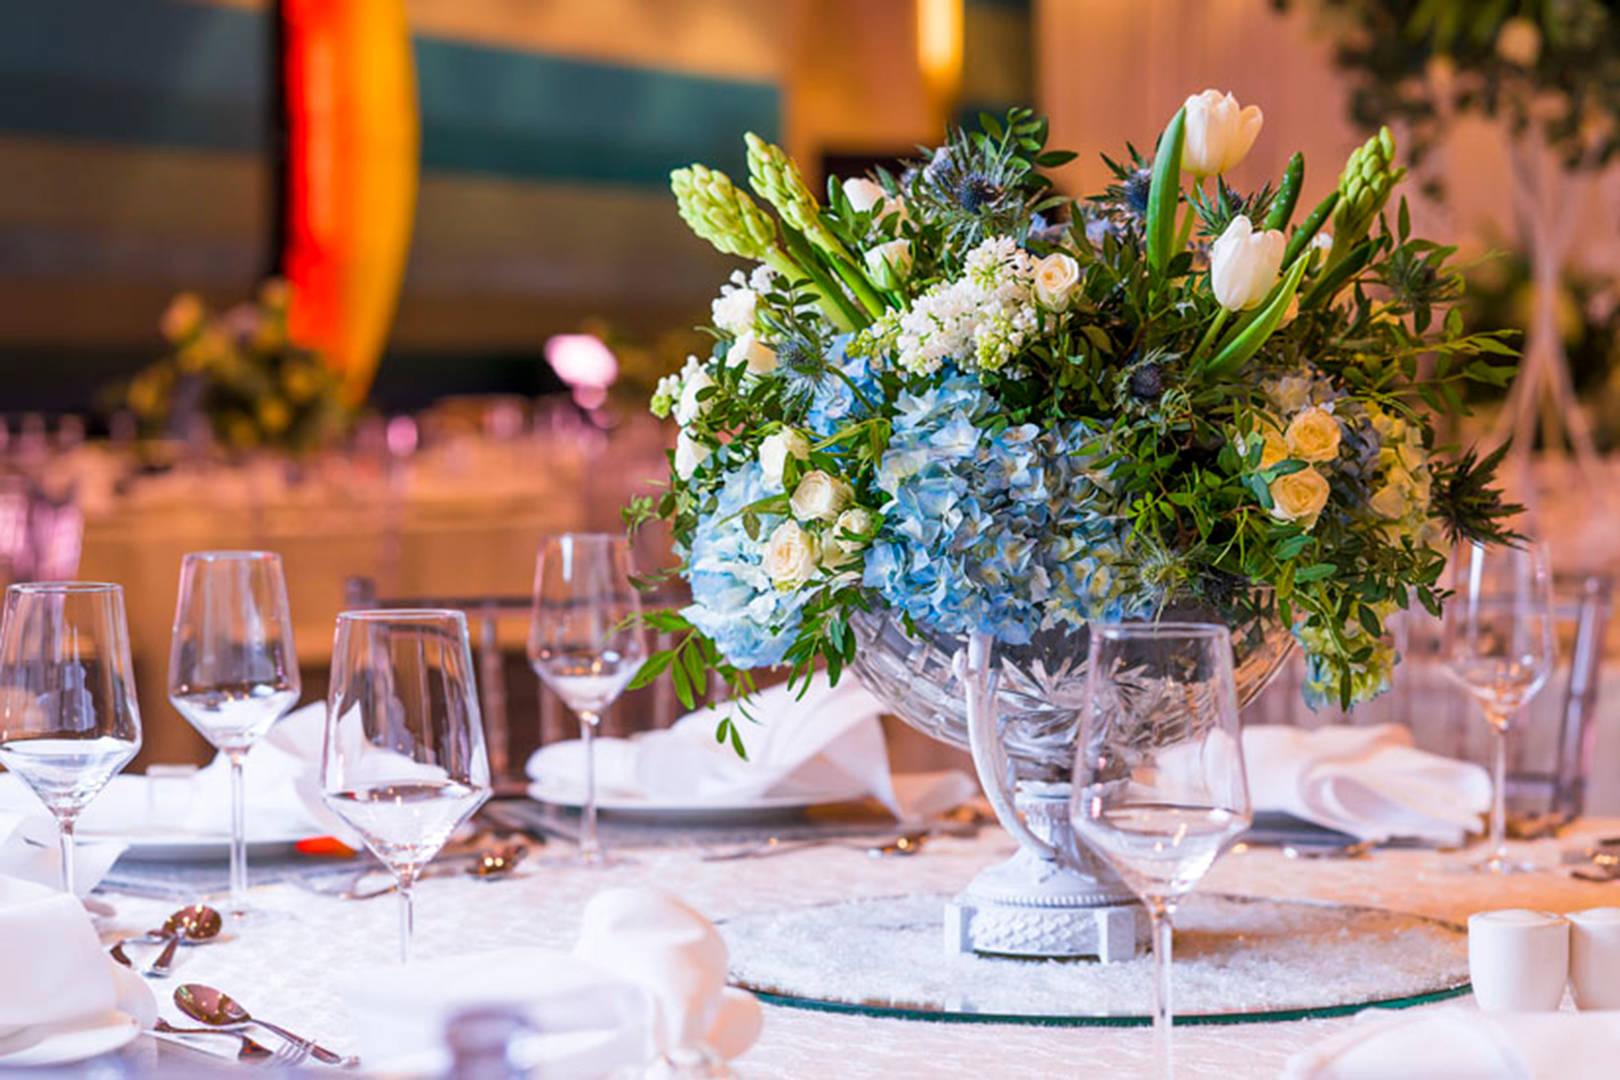 https://cdn.jumeirah.com/-/mediadh/DH/Hospitality/Jumeirah/Occasion/Dubai/Jumeirah-Beach-Hotel/Safinah-Ballroom/JumeirahBeachHotelSafinahBallroomWedding164.jpg?h=1080&w=1620&hash=AE801471CD3841944E92F21CA0B0C436